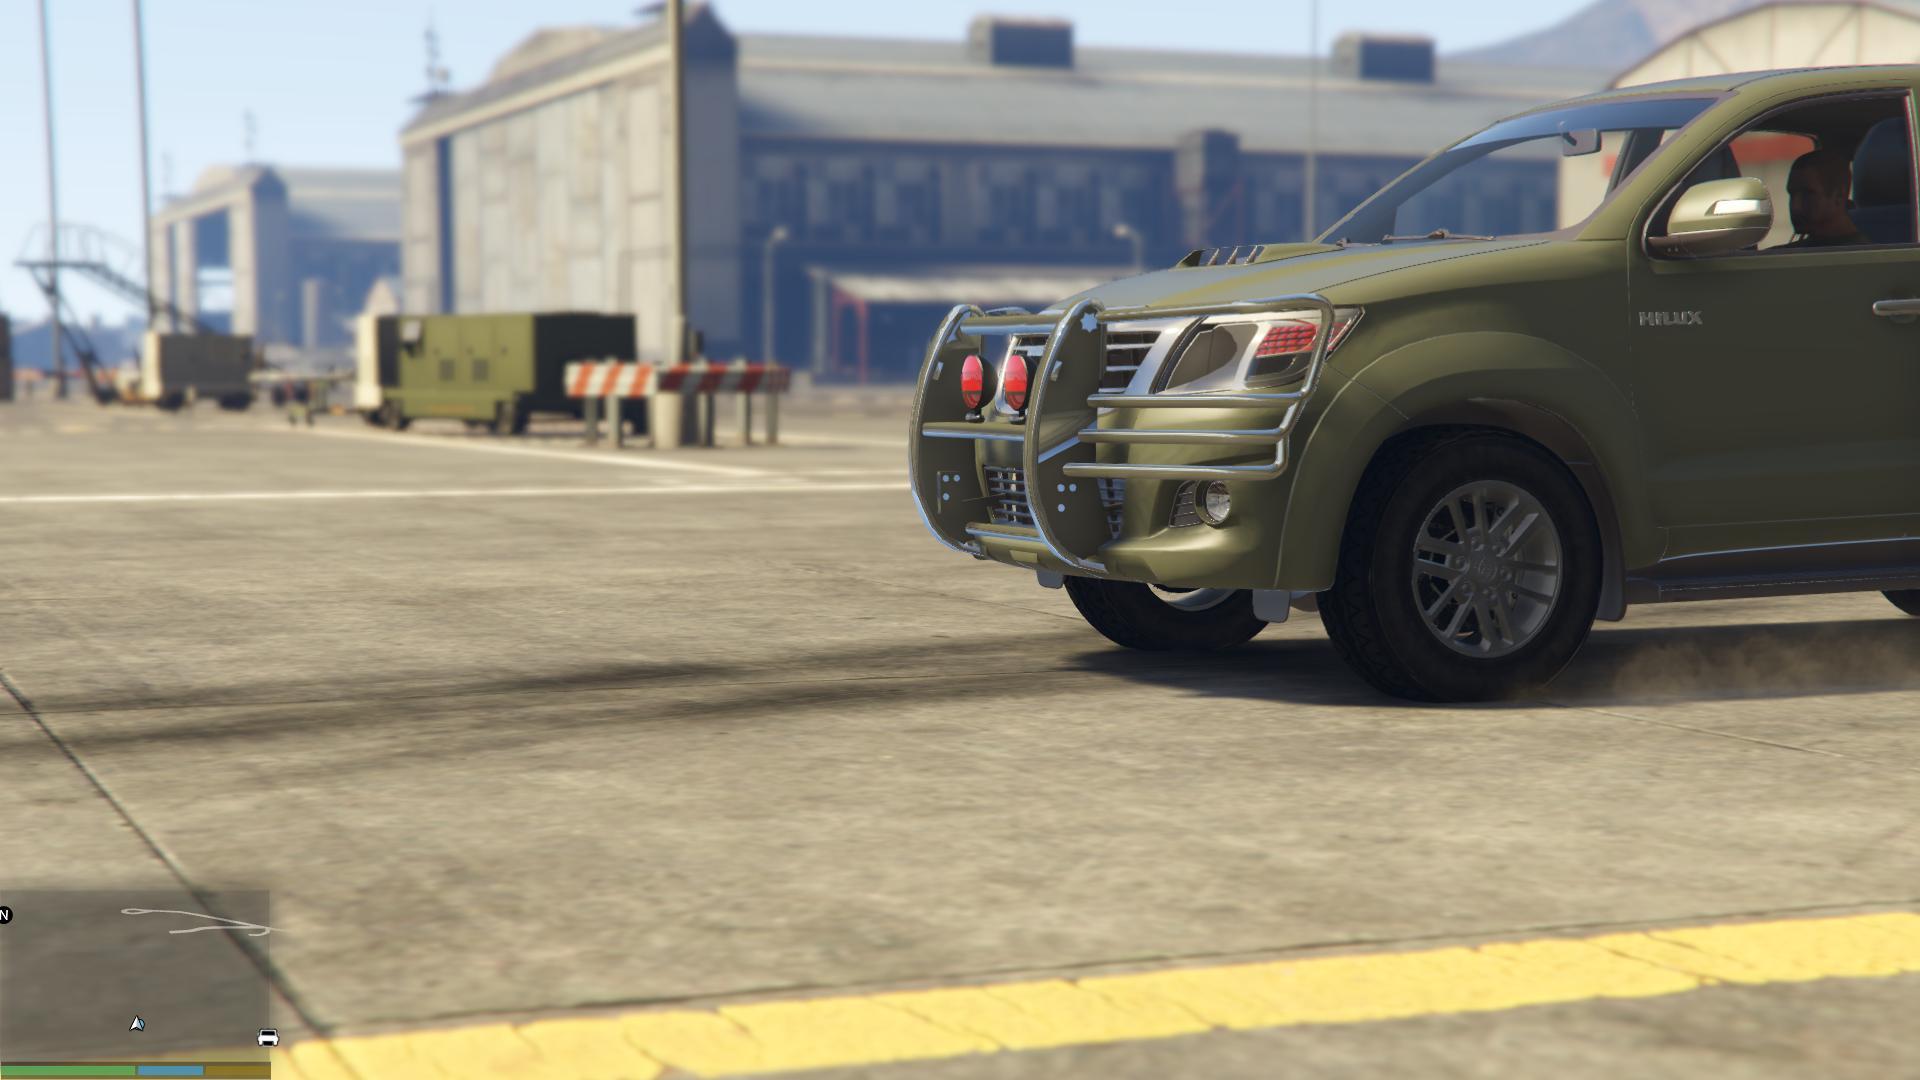 Pakistan Army Toyota Vigo [Replace] - GTA5-Mods com